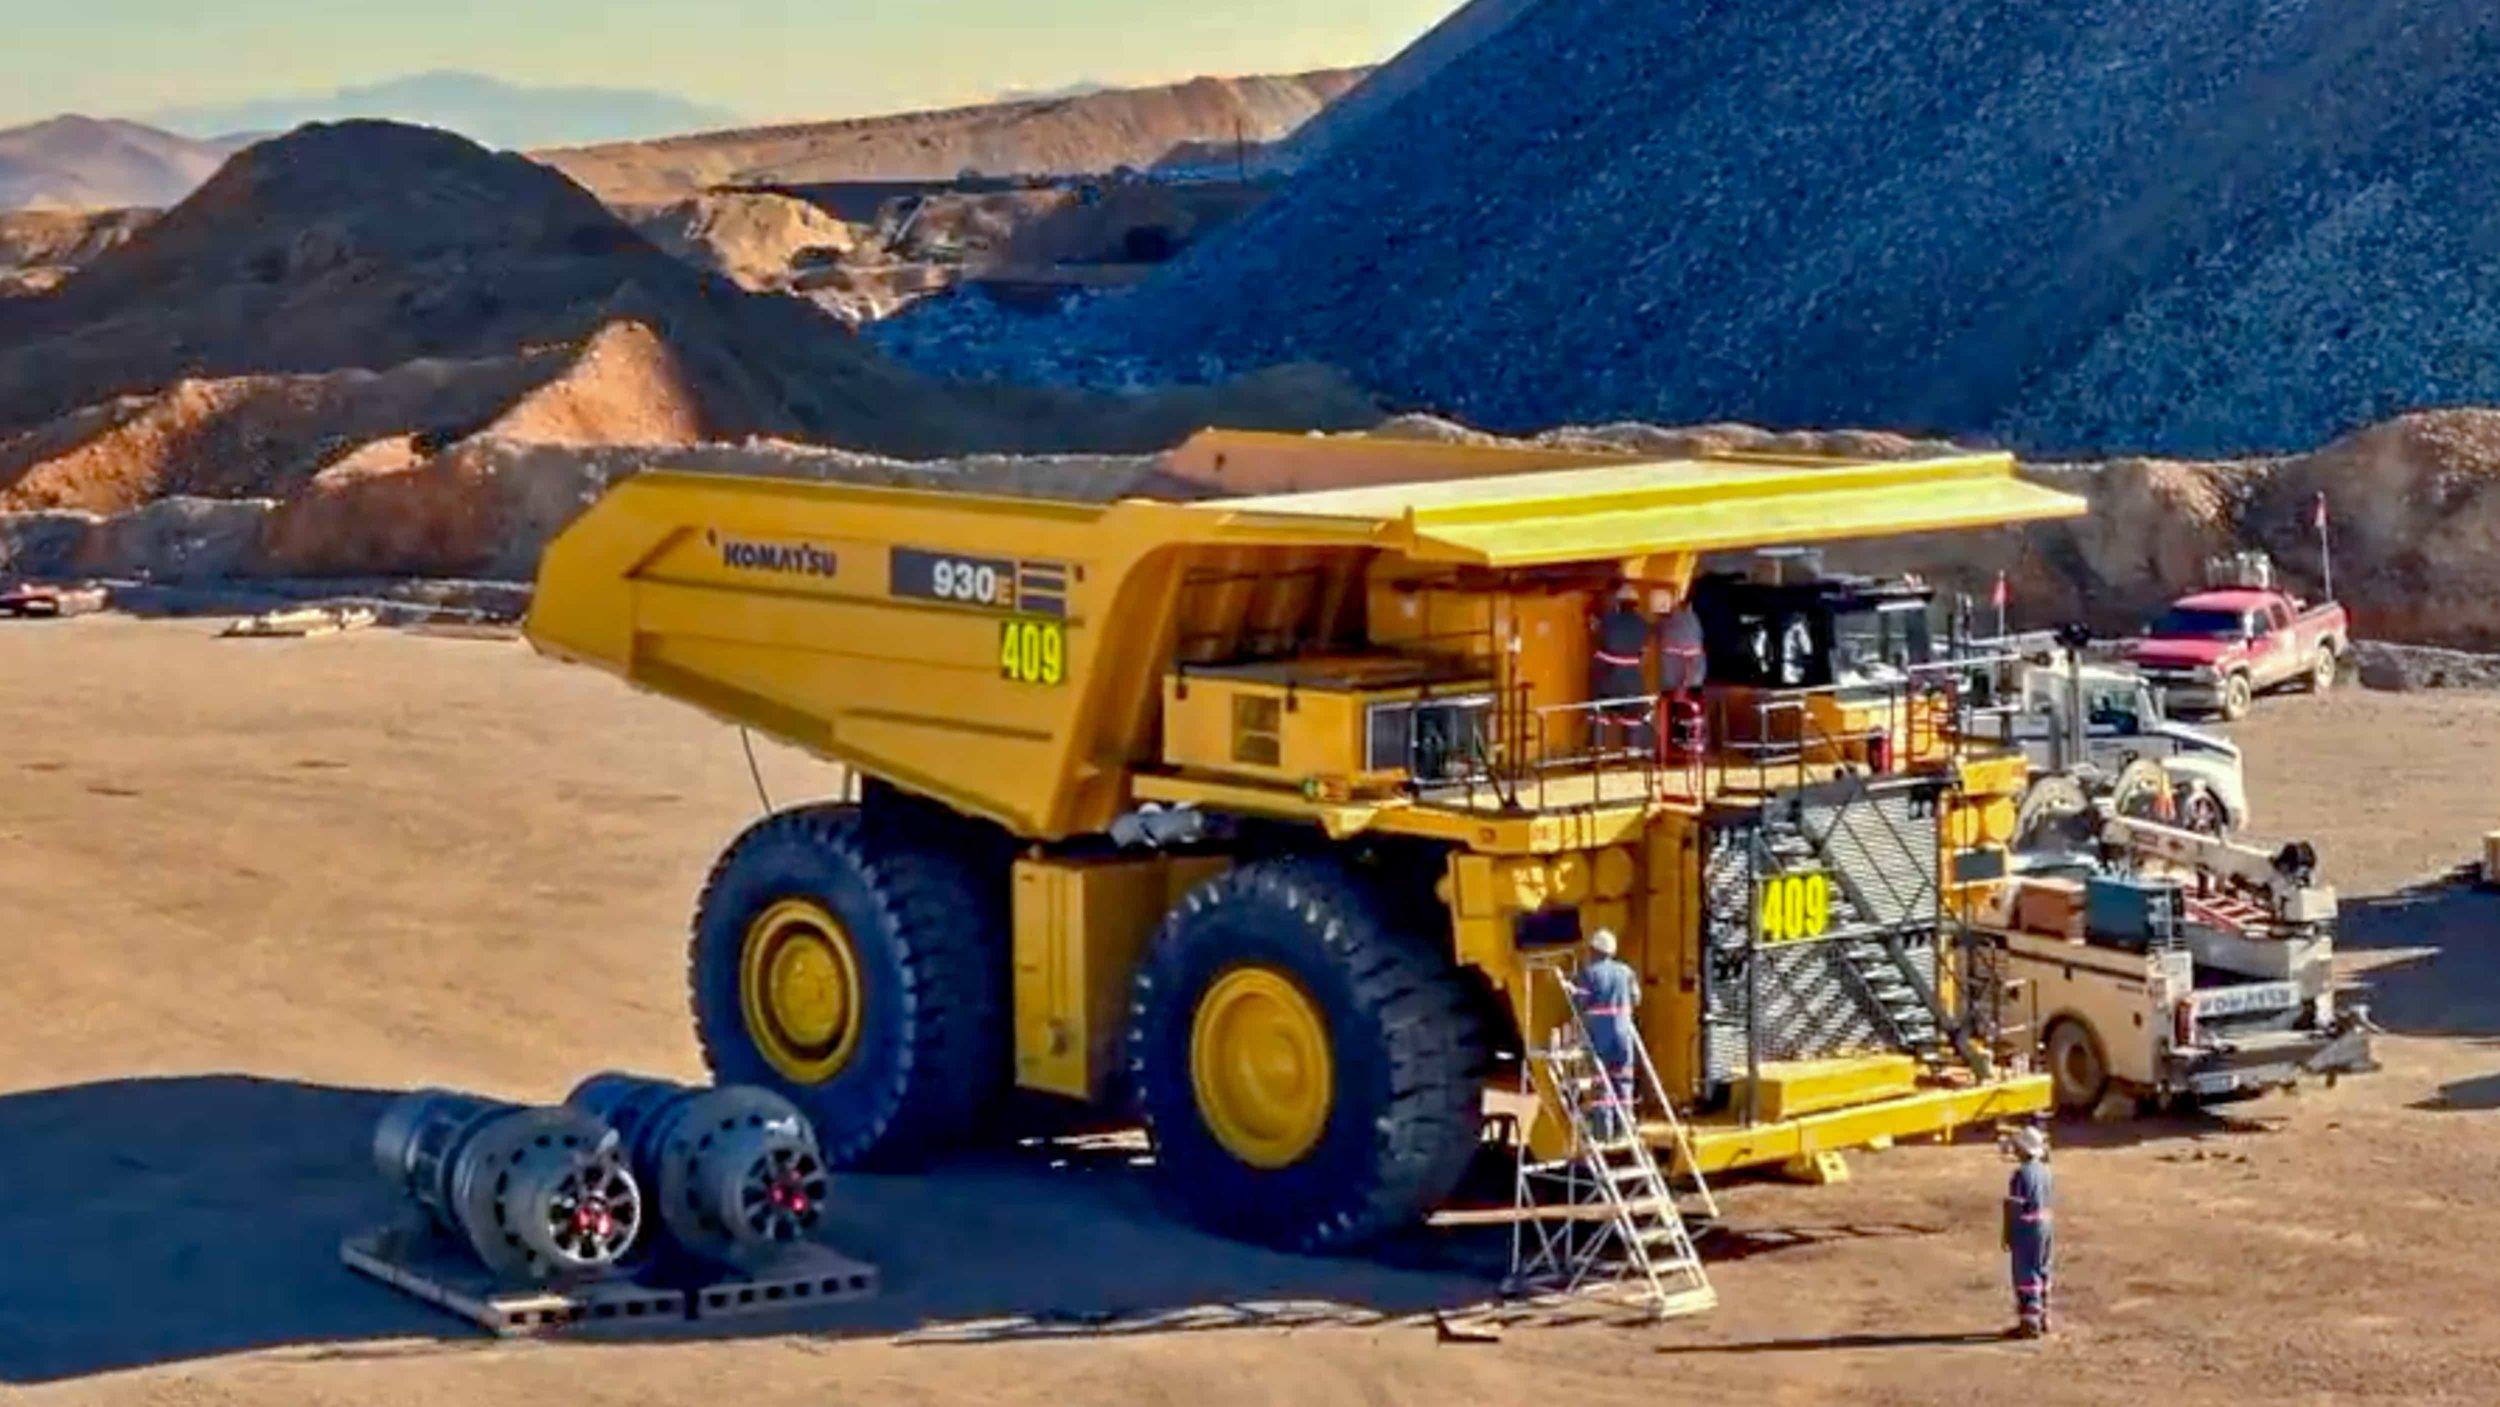 Kennecott Utah Copper Visitor Center